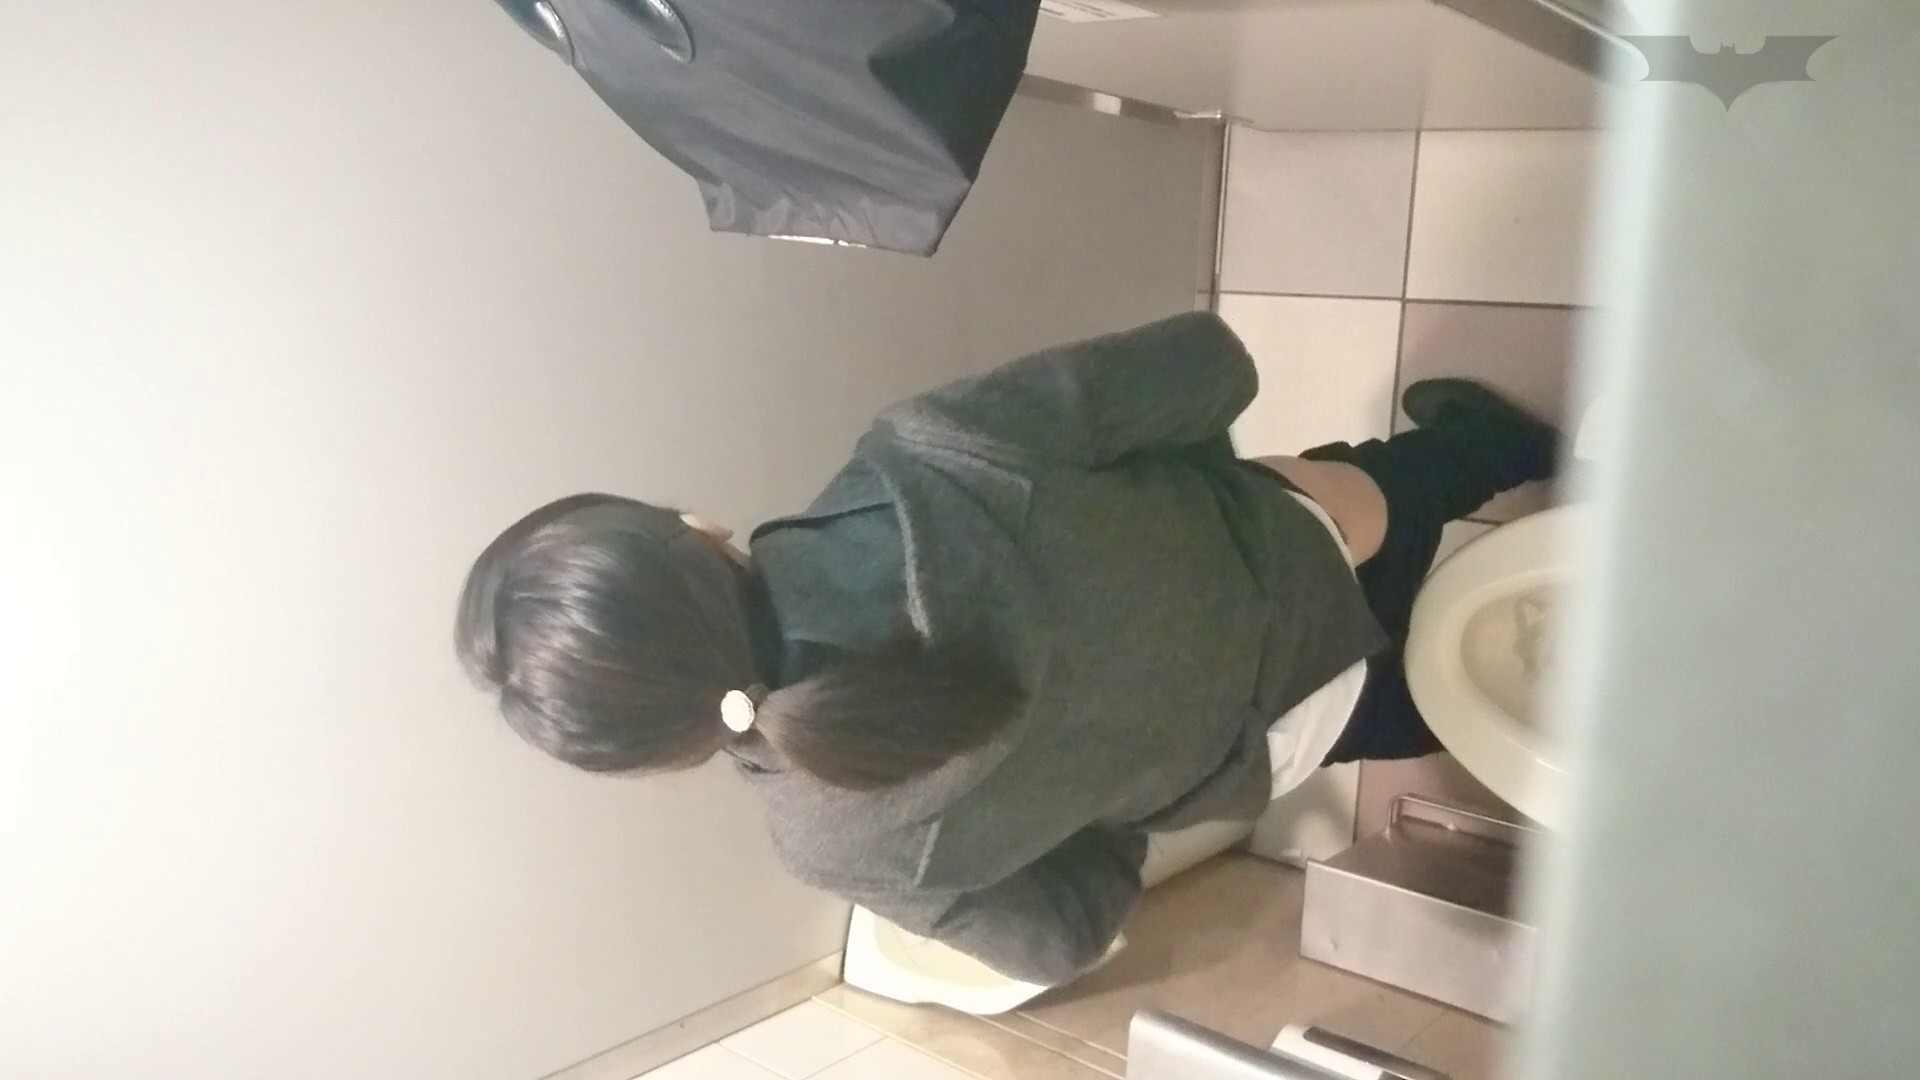 化粧室絵巻 ショッピングモール編 VOL.08 OLハメ撮り  77Pix 74